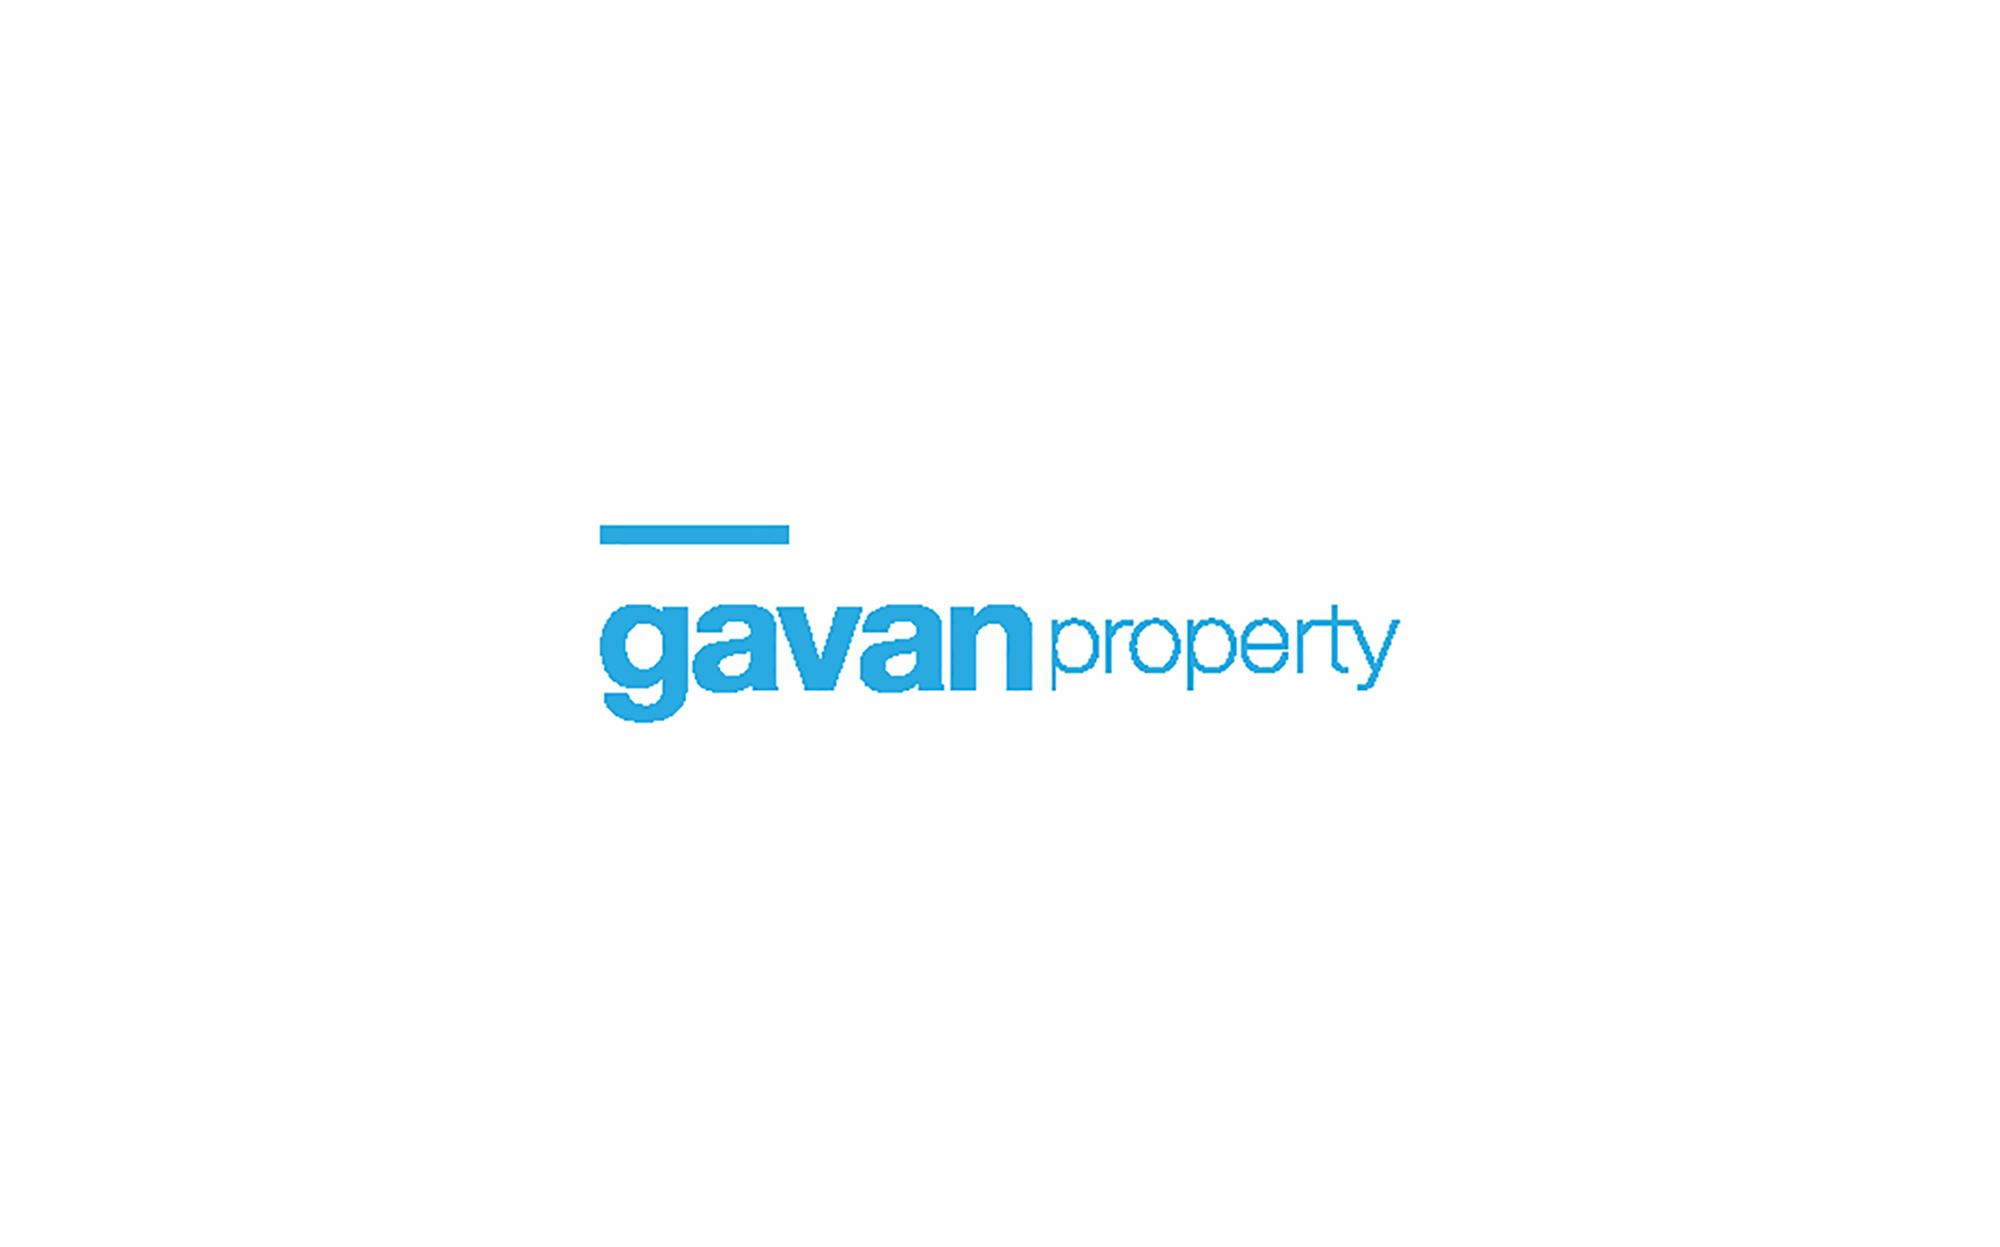 GAVAN